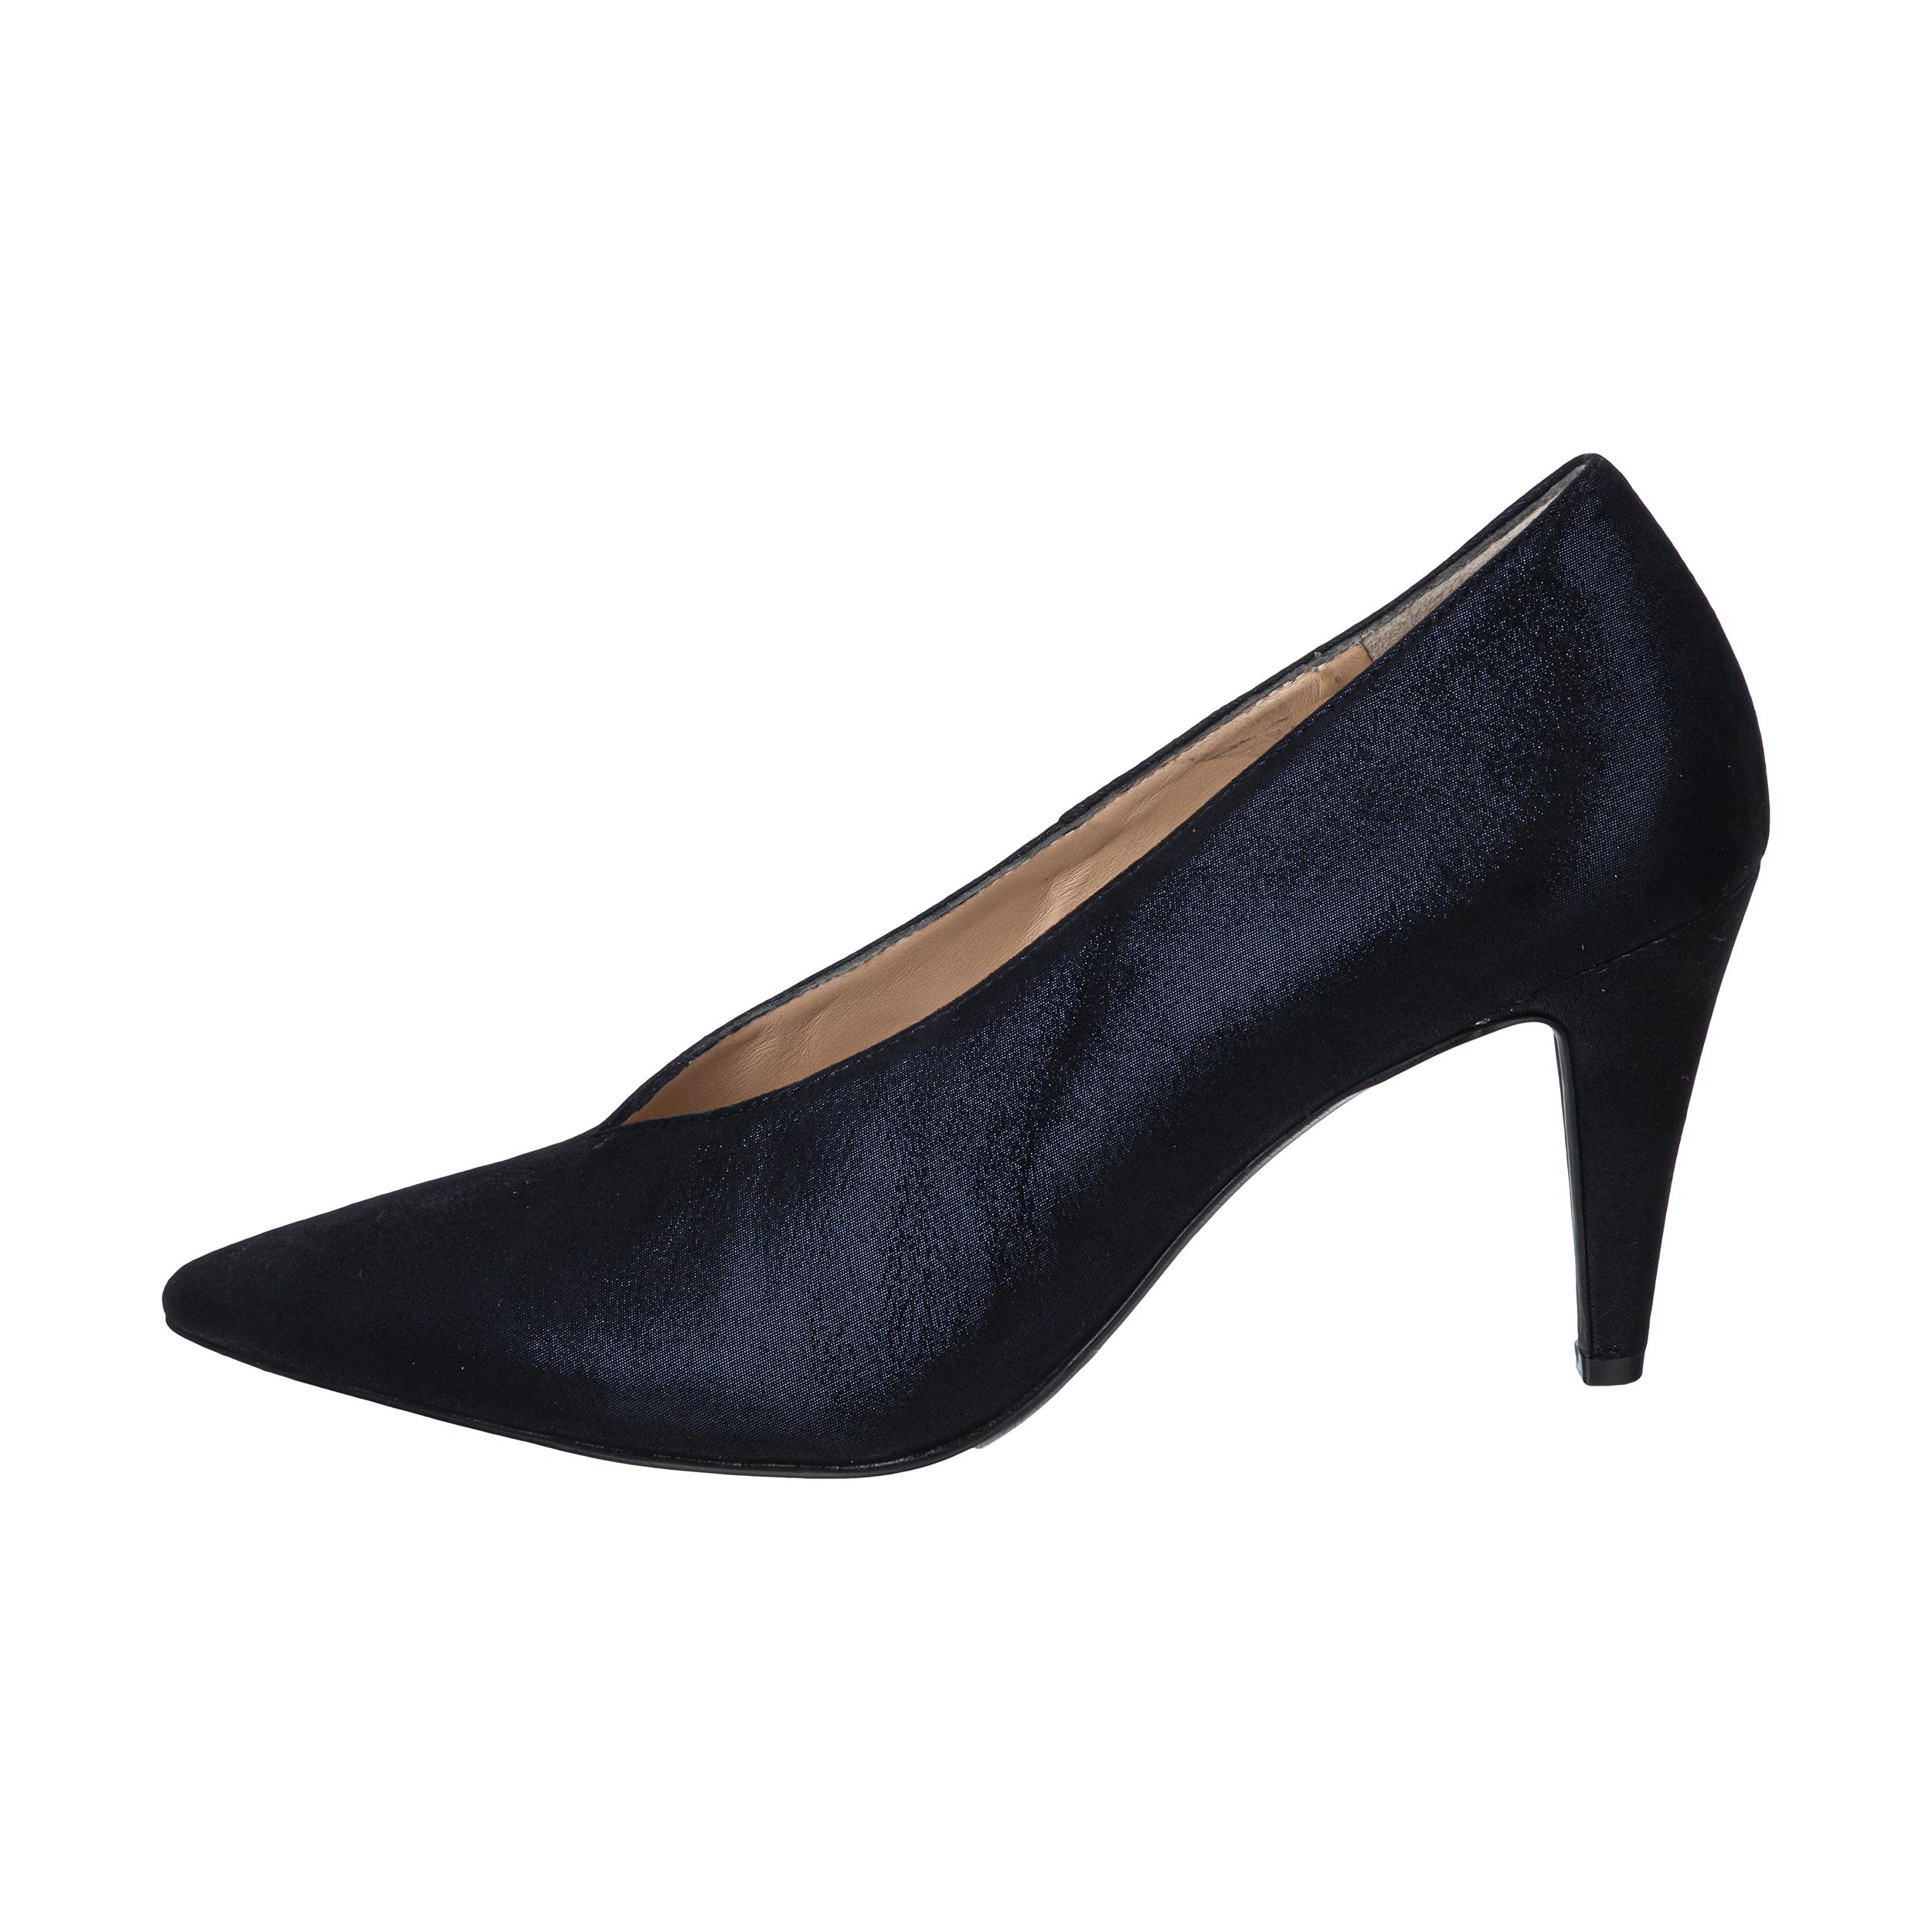 کفش زنانه هوگل مدل 6-117702-3500